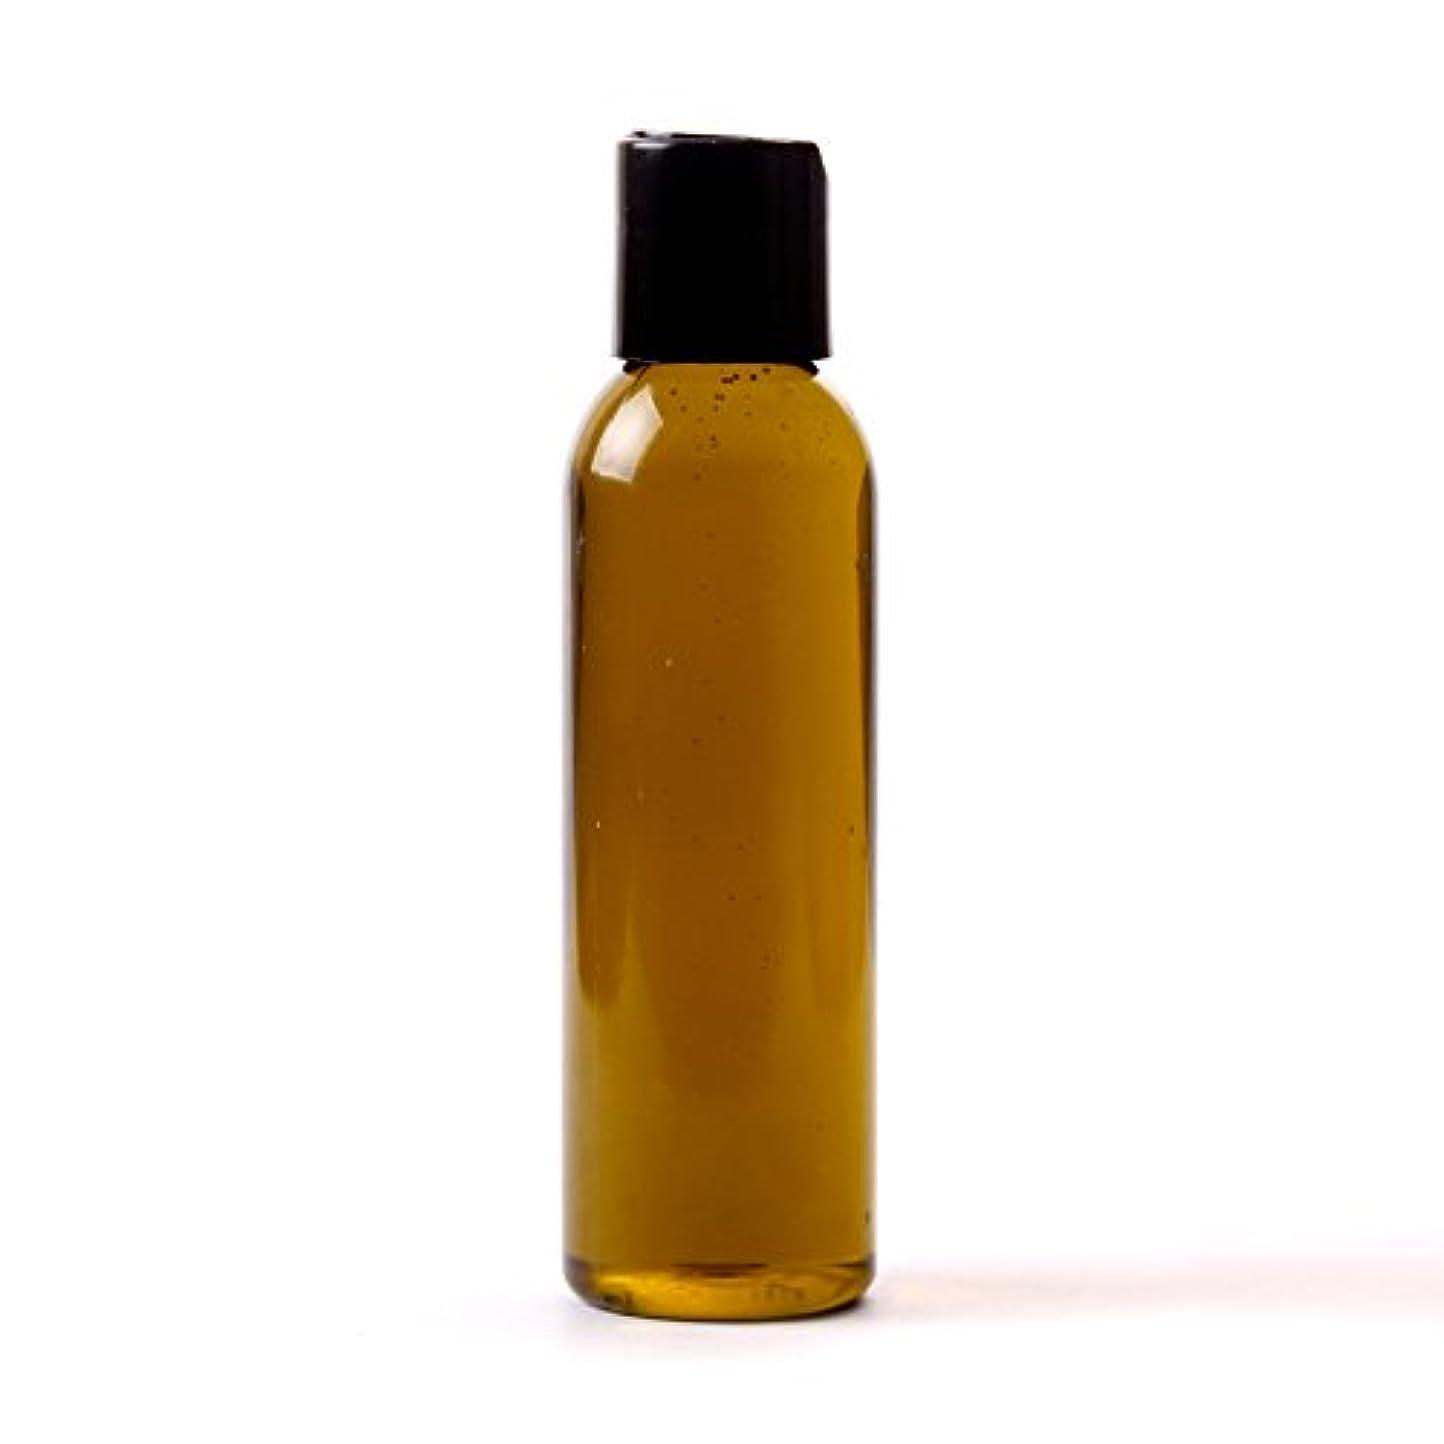 のホストメタン言い換えるとMystic Moments | Broccoli Seed Virgin Oil - 125ml - 100% Pure